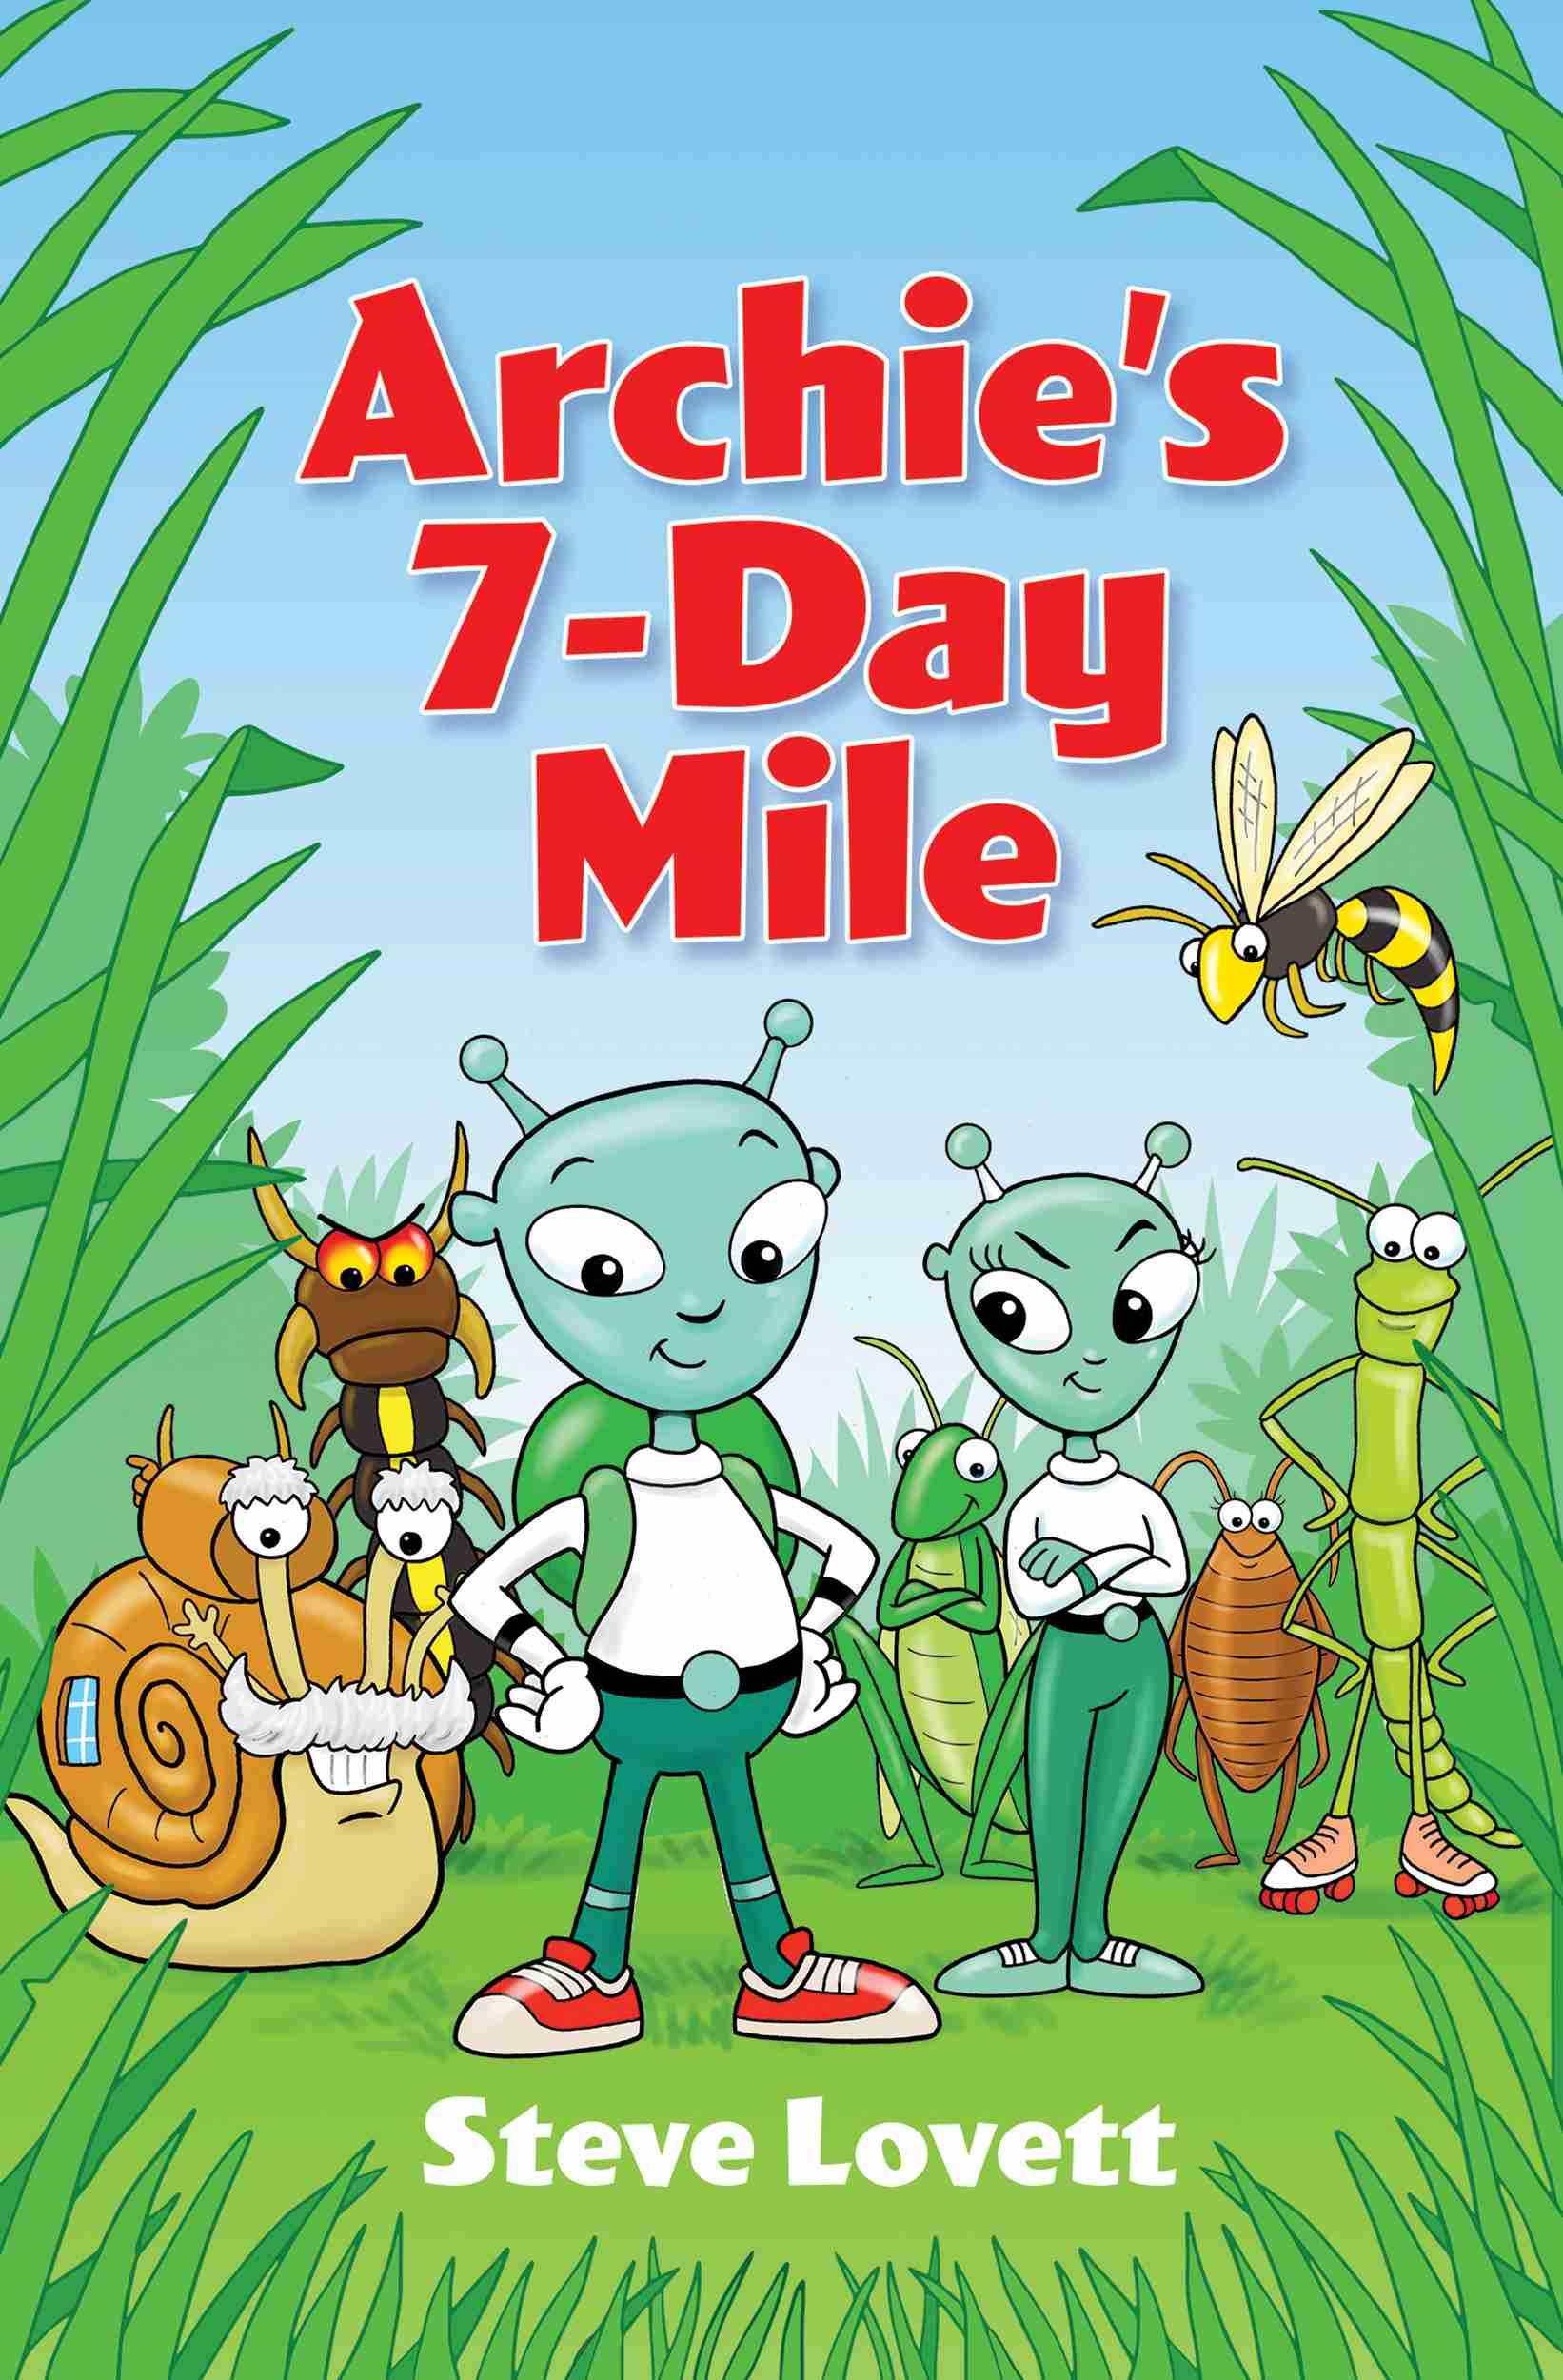 Archie's 7-Day Mile by Steve Lovett